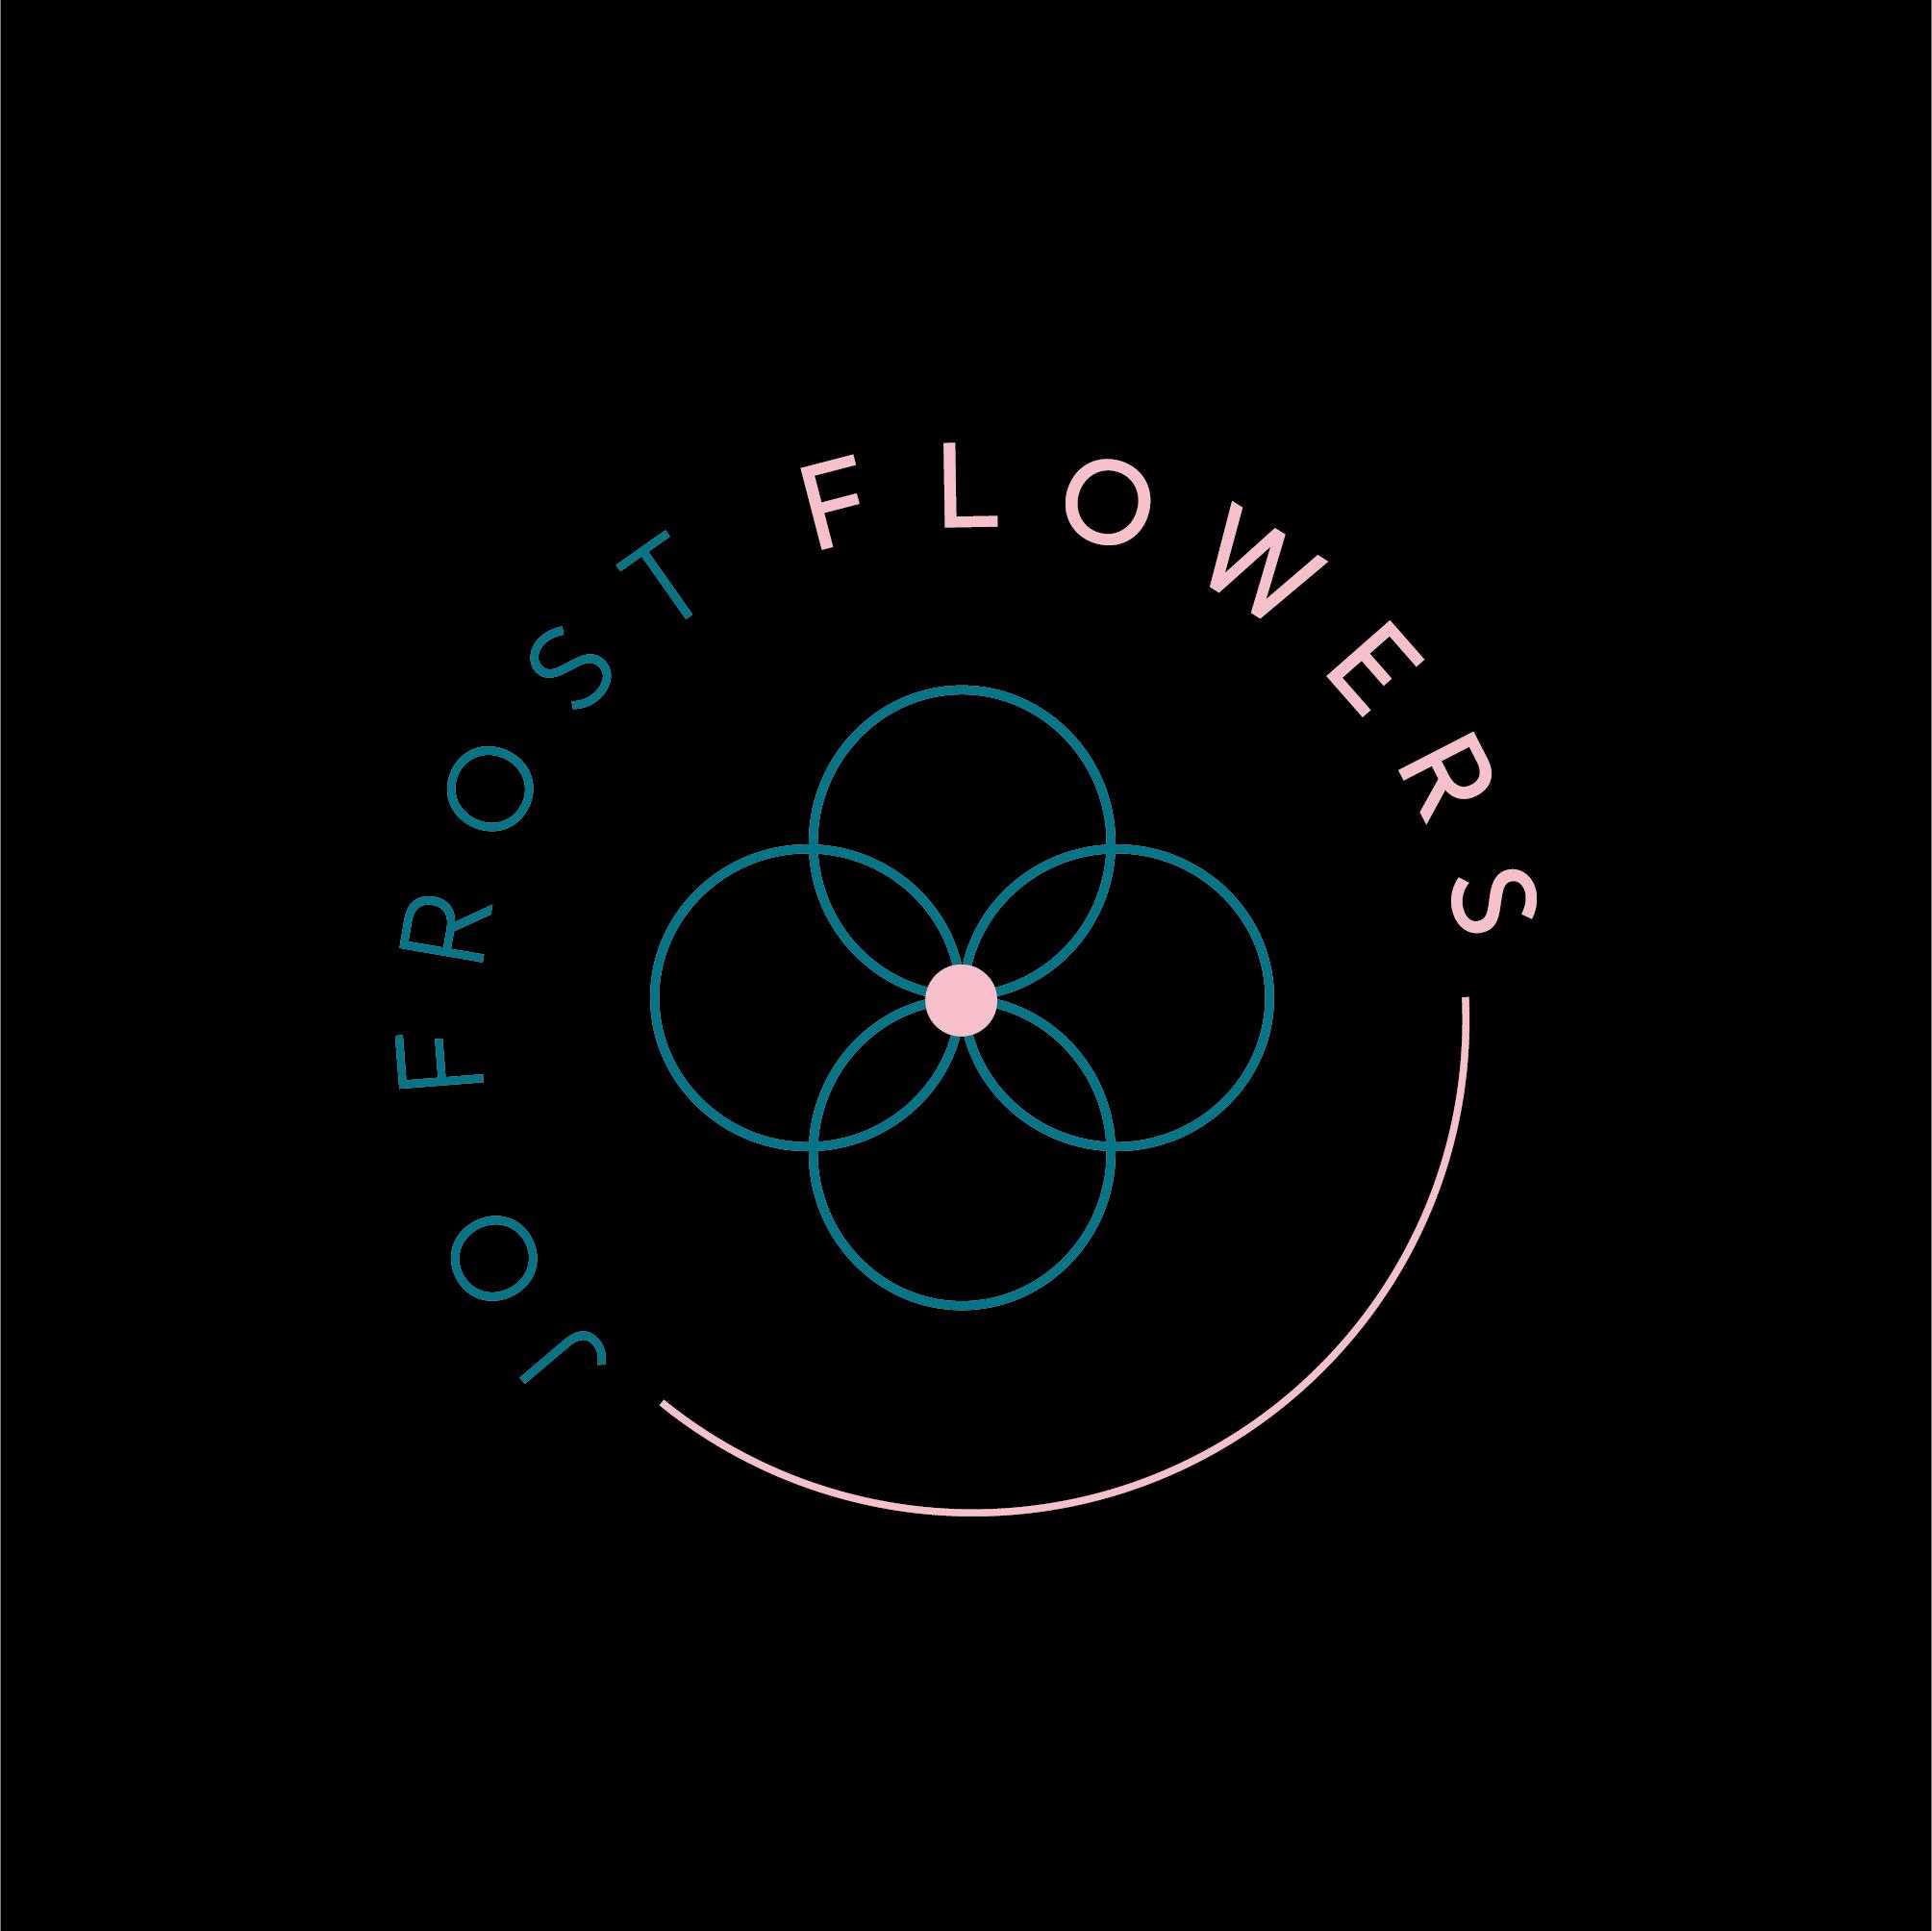 01_jo_frost_flowers_rebrand_final_files-05.jpg